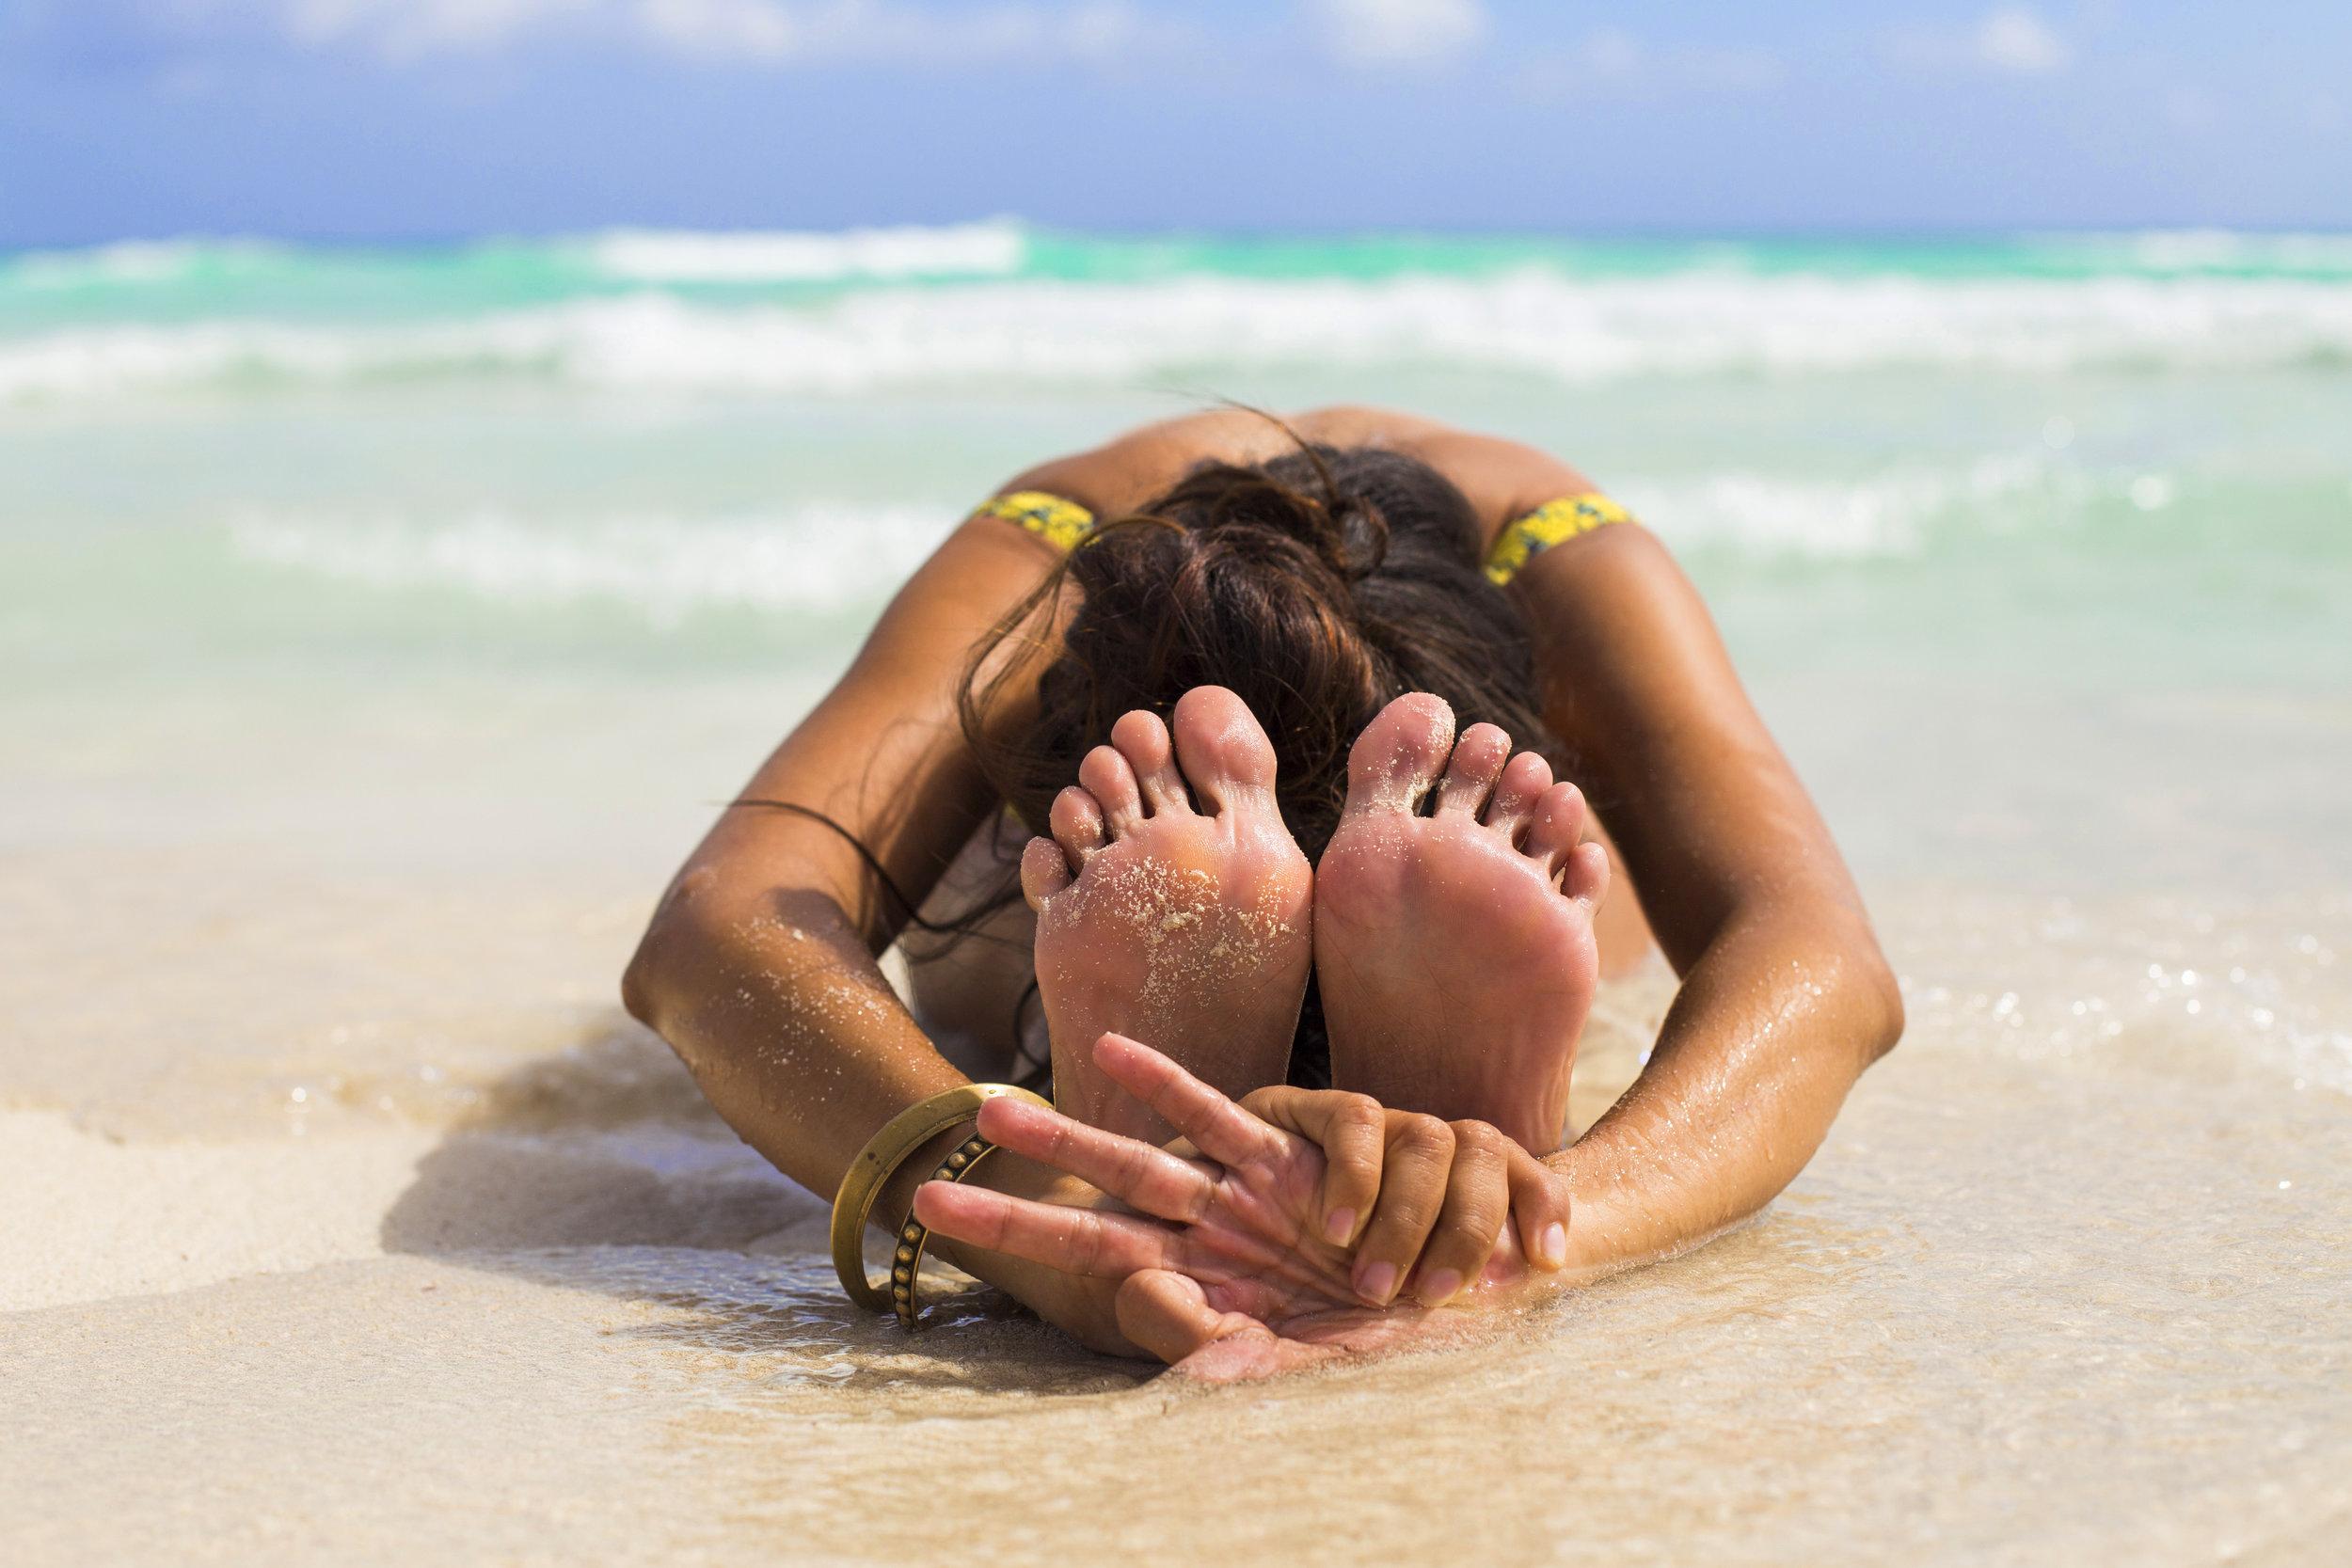 Aruba - one happy island - luksuriøse hotell, deilige strender, dykking, yoga, utflukter og mye mer.